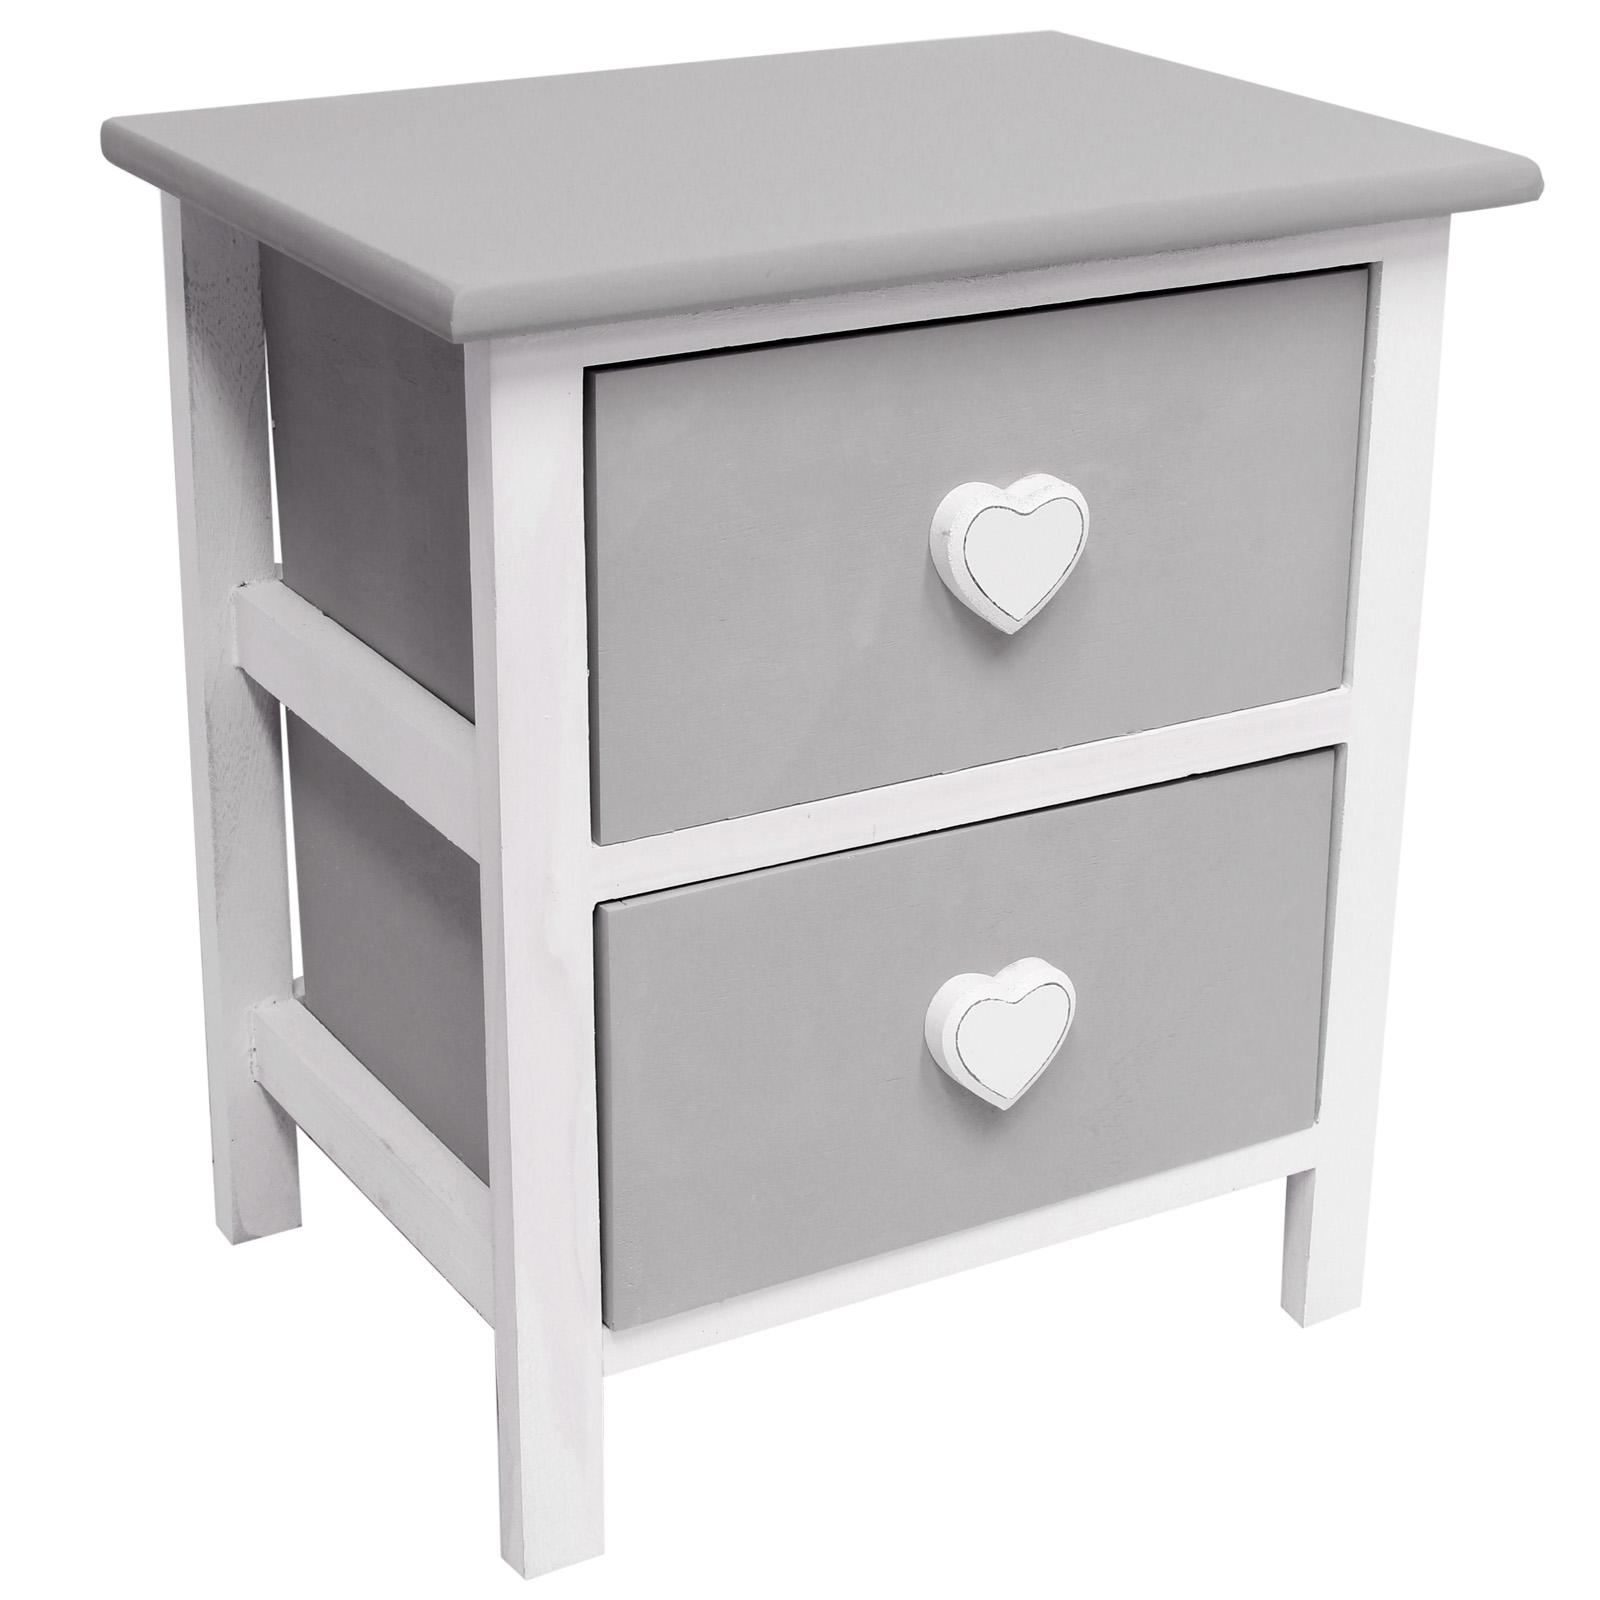 hartleys nachtschr nkchen mit 2 schubladen vintage design wei grau ebay. Black Bedroom Furniture Sets. Home Design Ideas